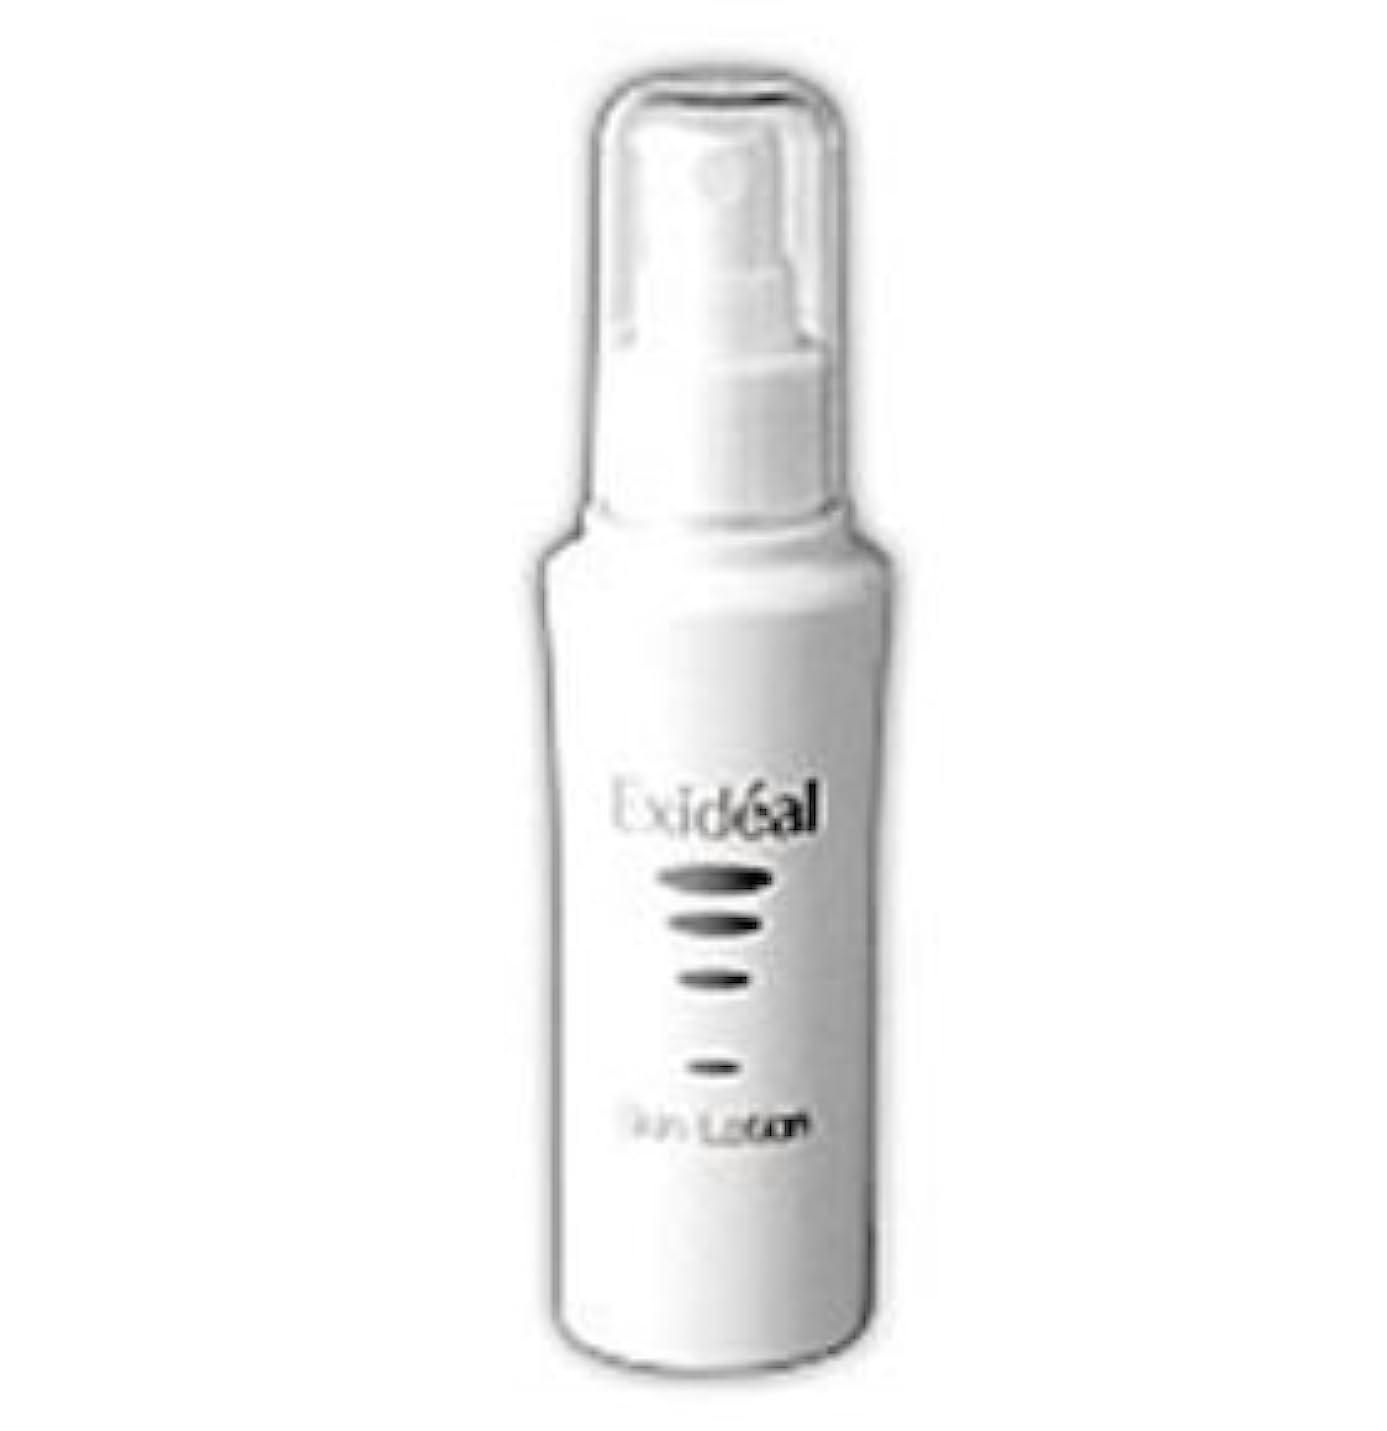 表現ゴネリル応用LED美顔器エクスイディアル Exideal 専用化粧水